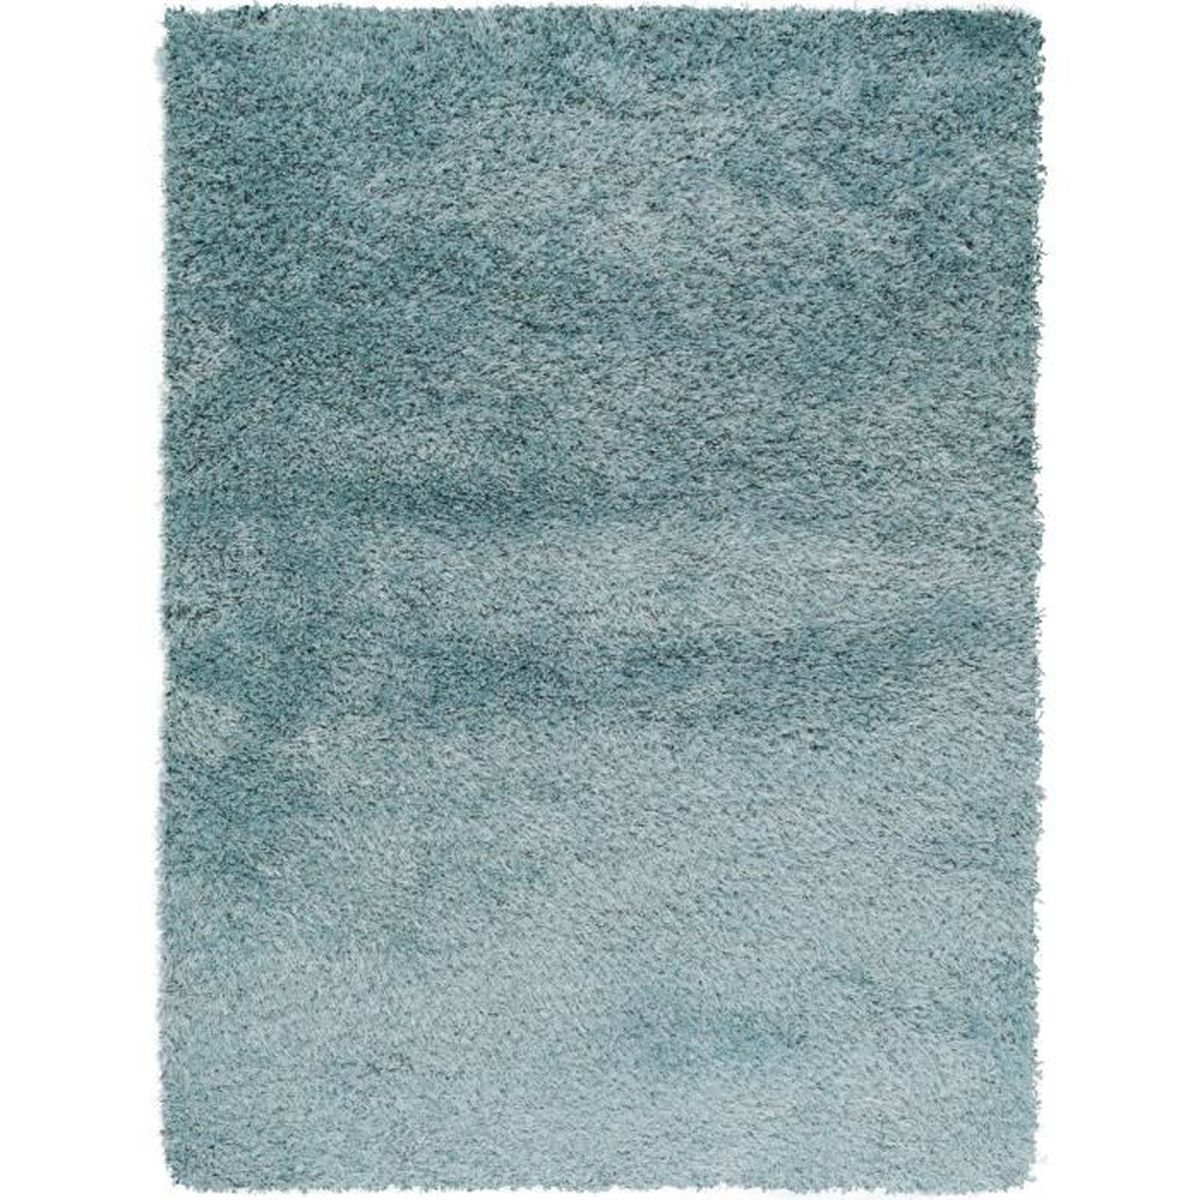 tapis shaggy poils longs sophie bleu clair 160x230 cm tapis doux pour salon achat vente. Black Bedroom Furniture Sets. Home Design Ideas